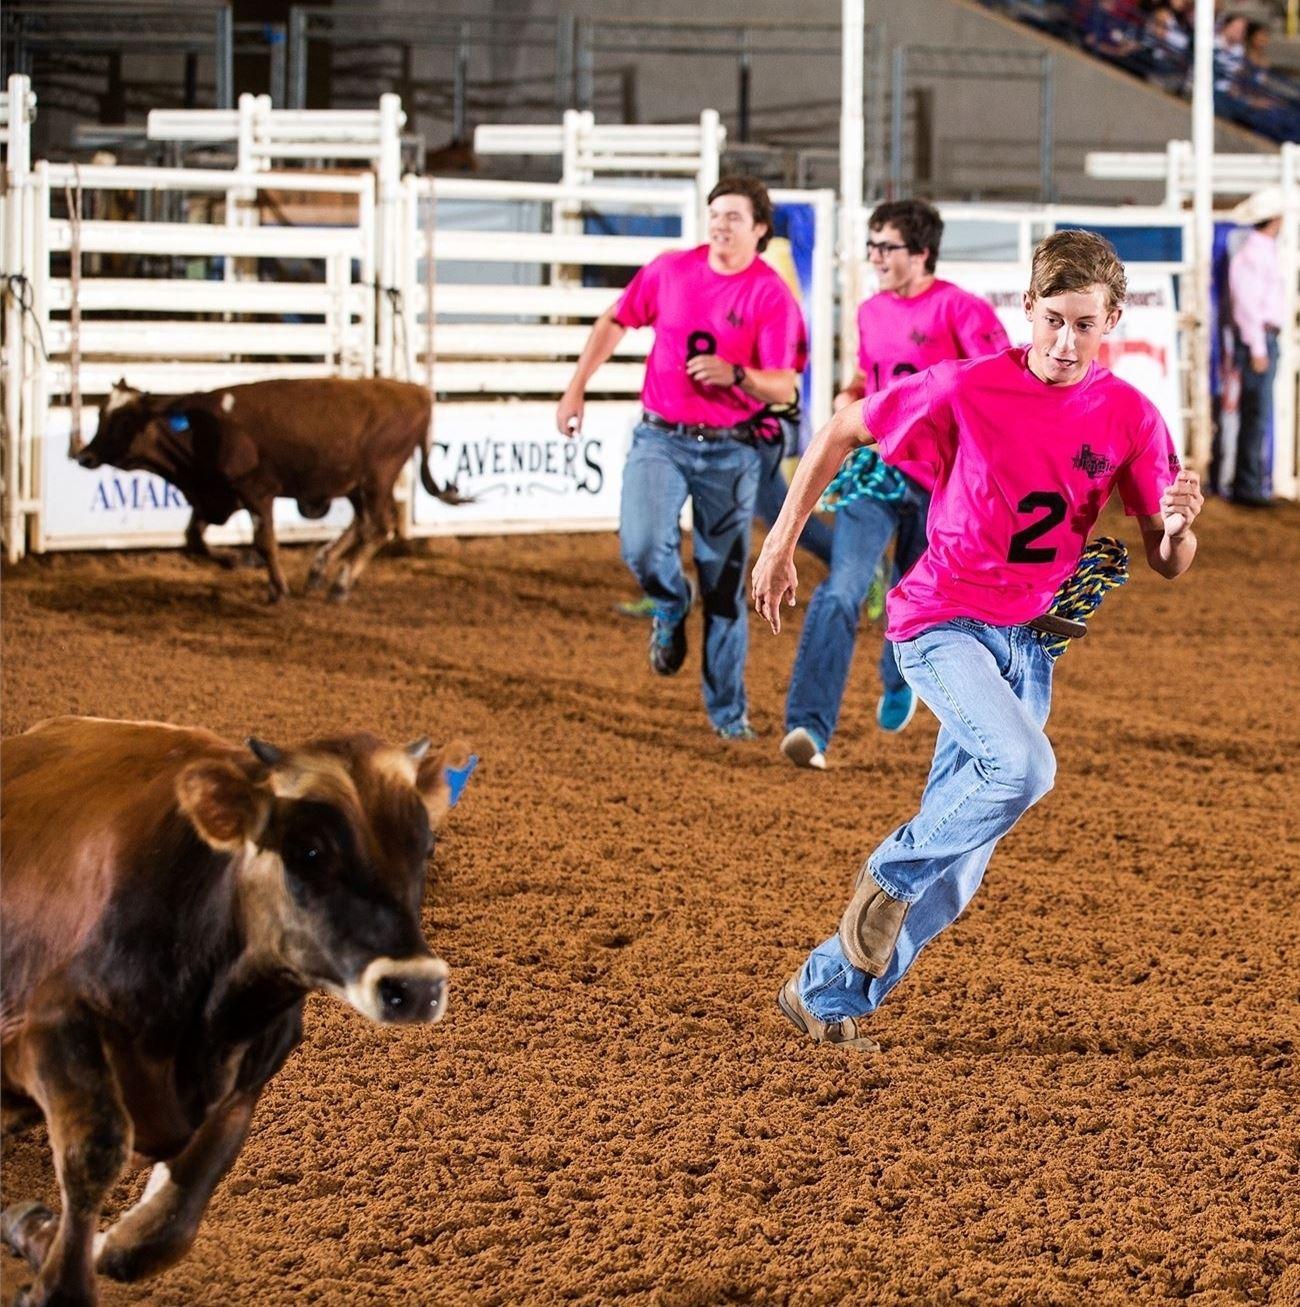 brown calf, dirt, boy running, pink shirt